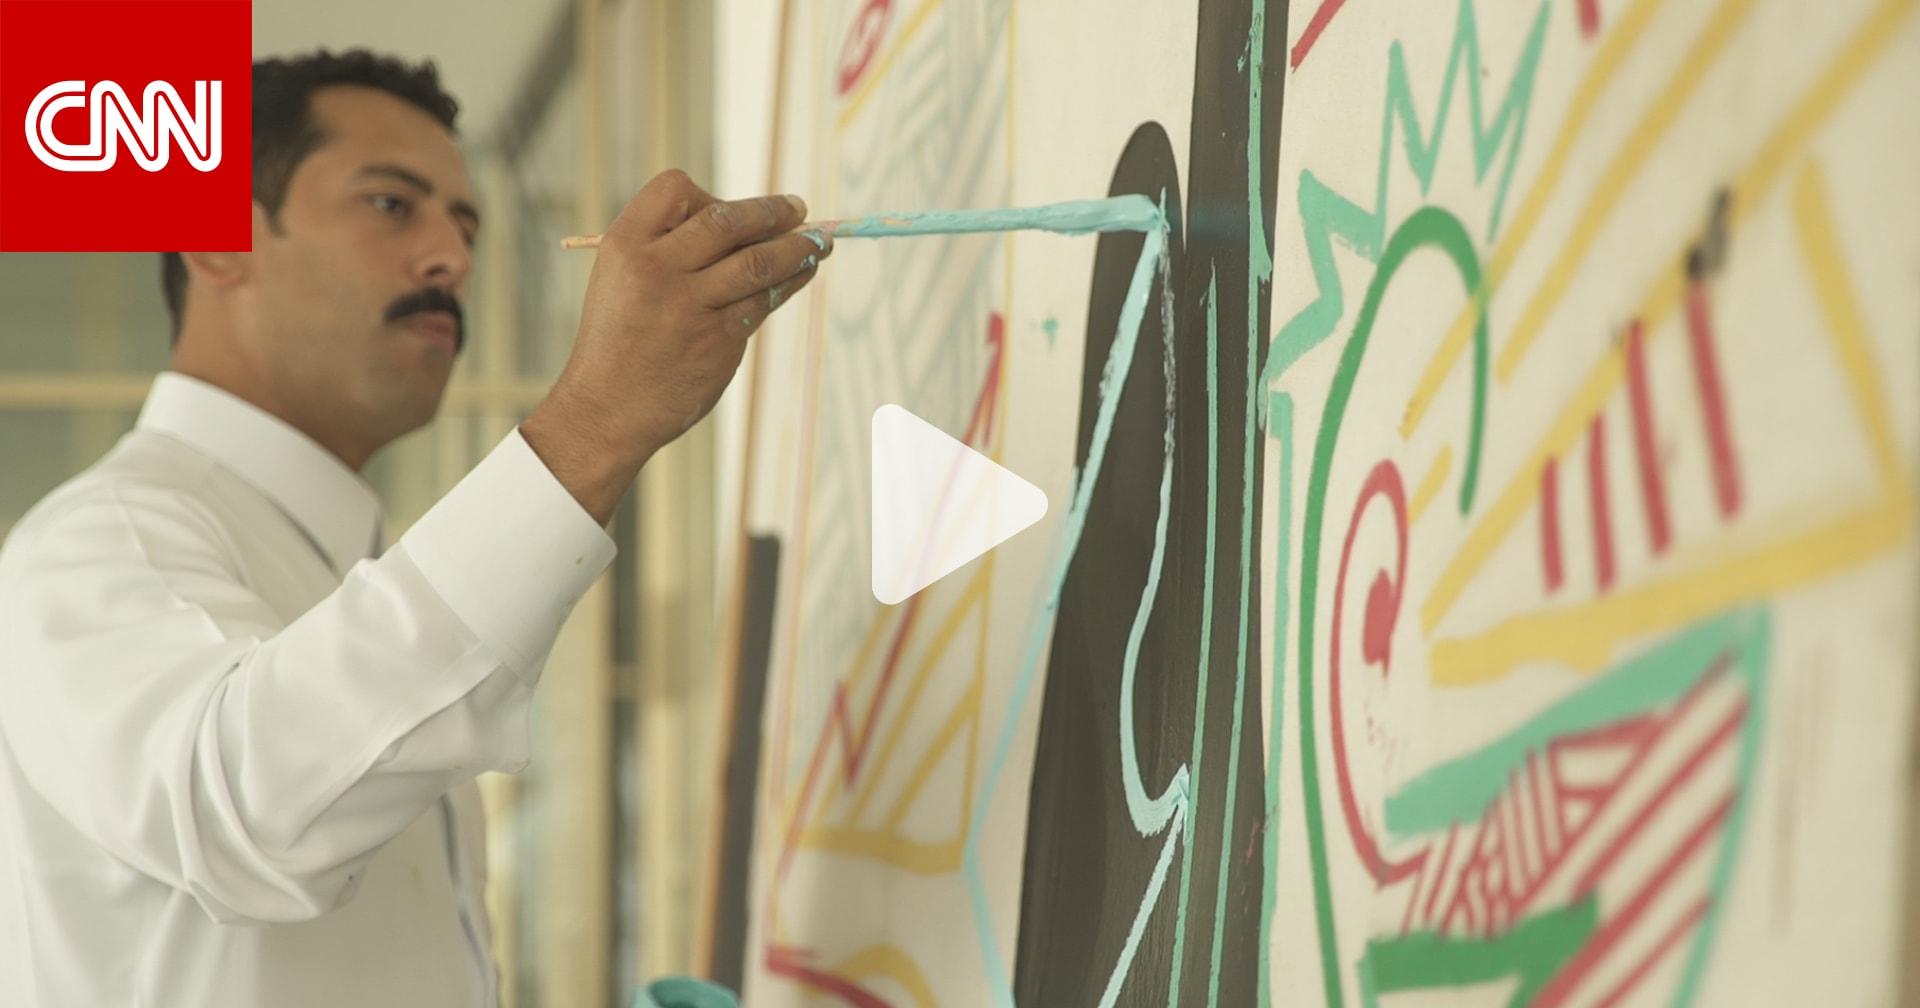 باستخدام الرموز غير القابلة للاستبدال.. فنان سعودي يبتكر طريقة لحماية الملكية الفكرية في الشرق الأوسط